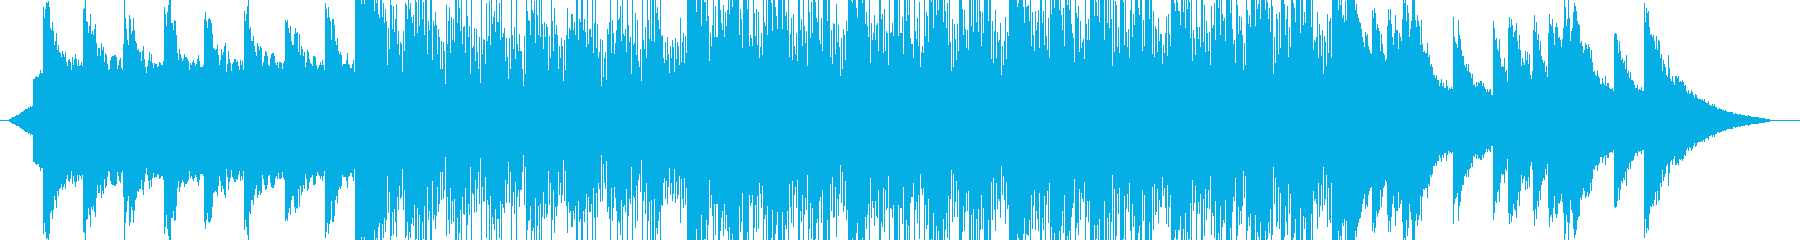 ジングル - squallの再生済みの波形